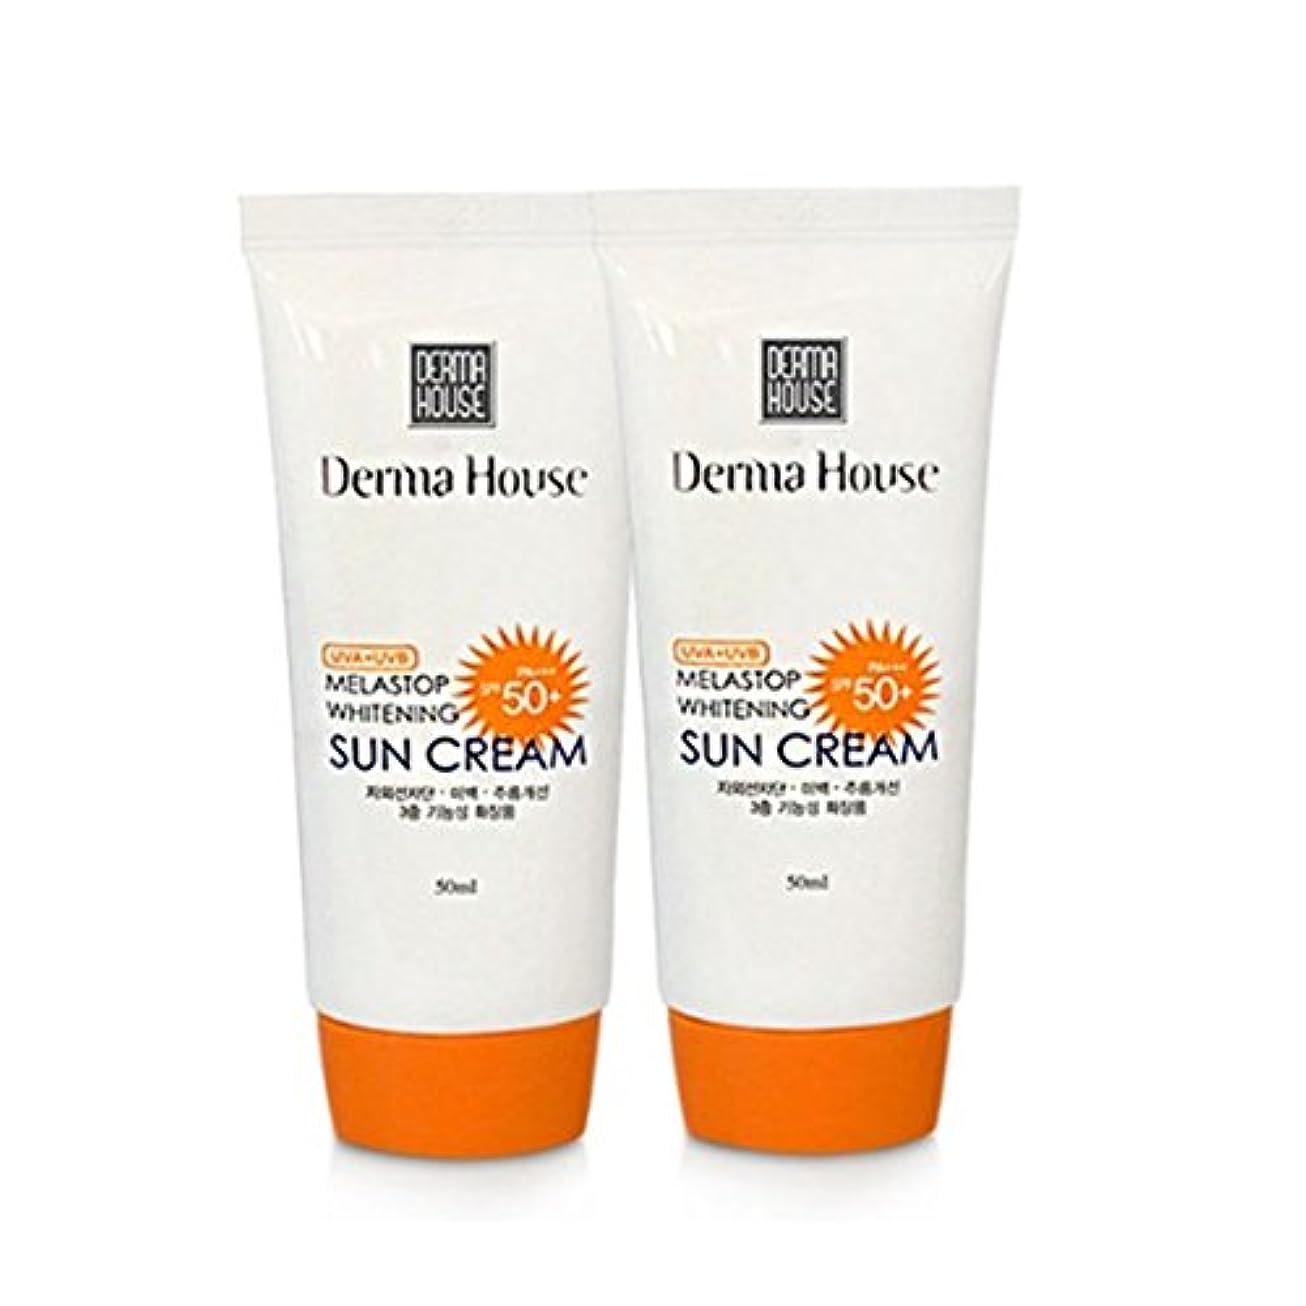 振り返る連結する制約ドマハウス(Derma House) メルラストップホワイトニングサンクリームSPF50+PA+++50ml x 2本セットDerma House Melastop Whitening Sun Cream SPF50+PA...